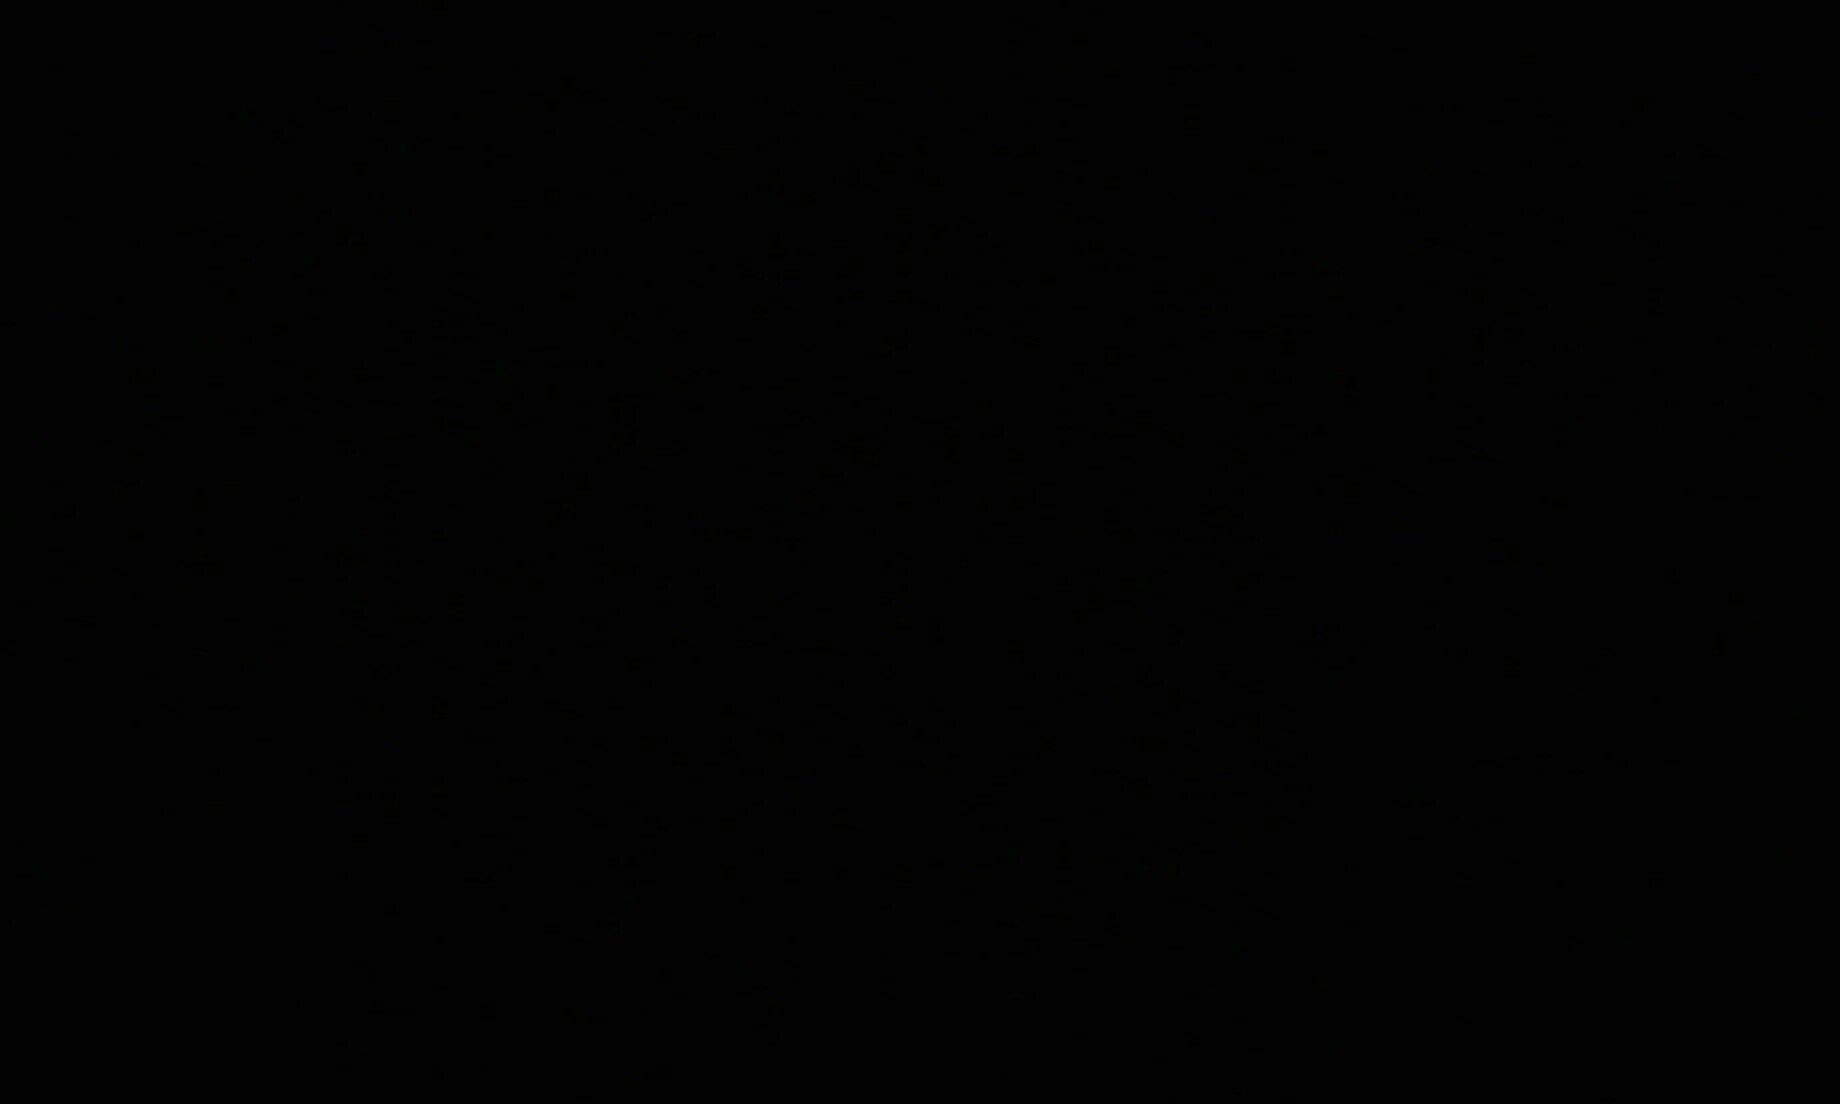 картинки божественного синего и черного цвета часто